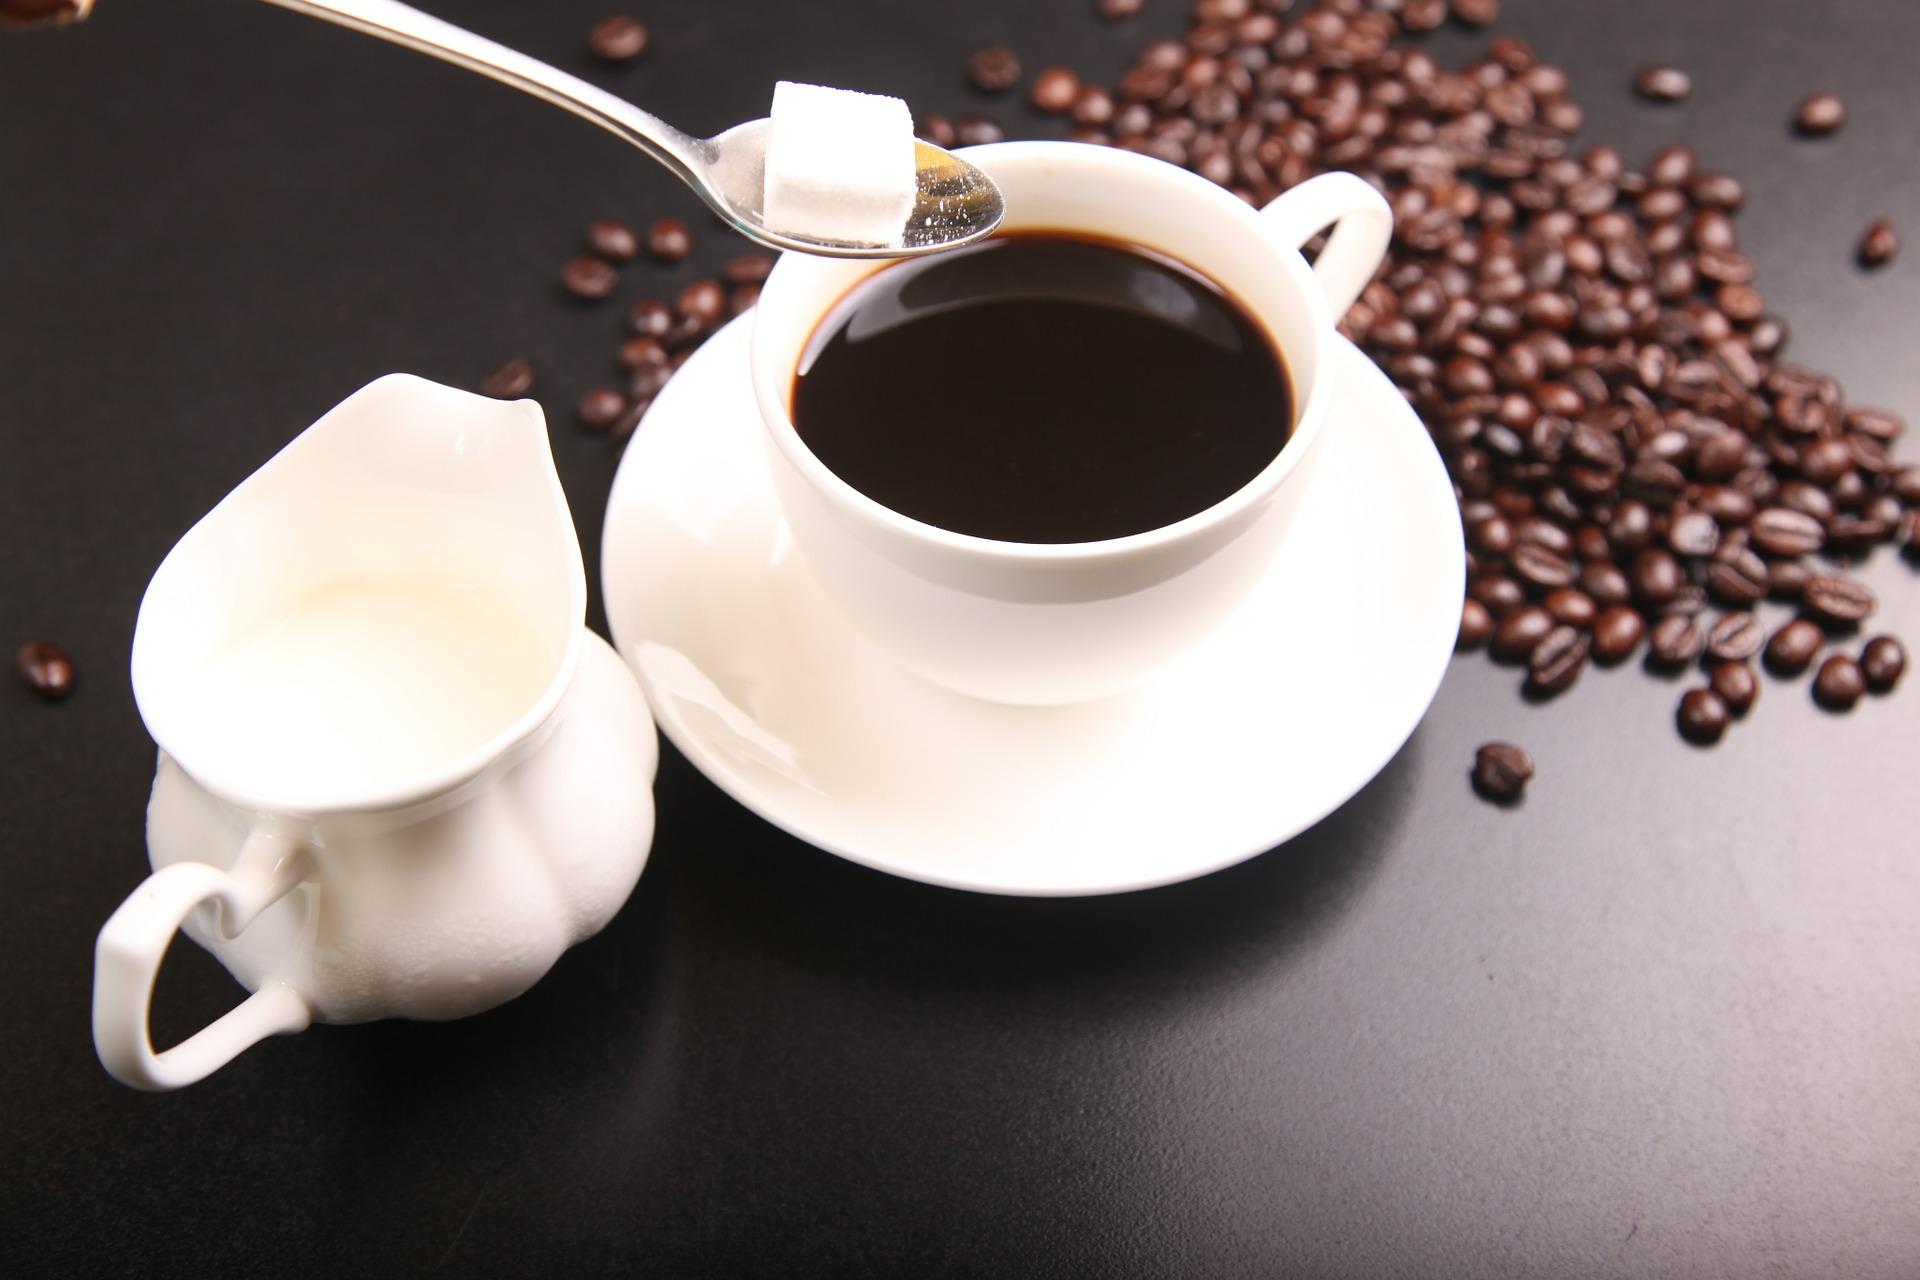 Cukier zmienia chemiczną strukturę kawy - Laboratorium Młodego Badacza